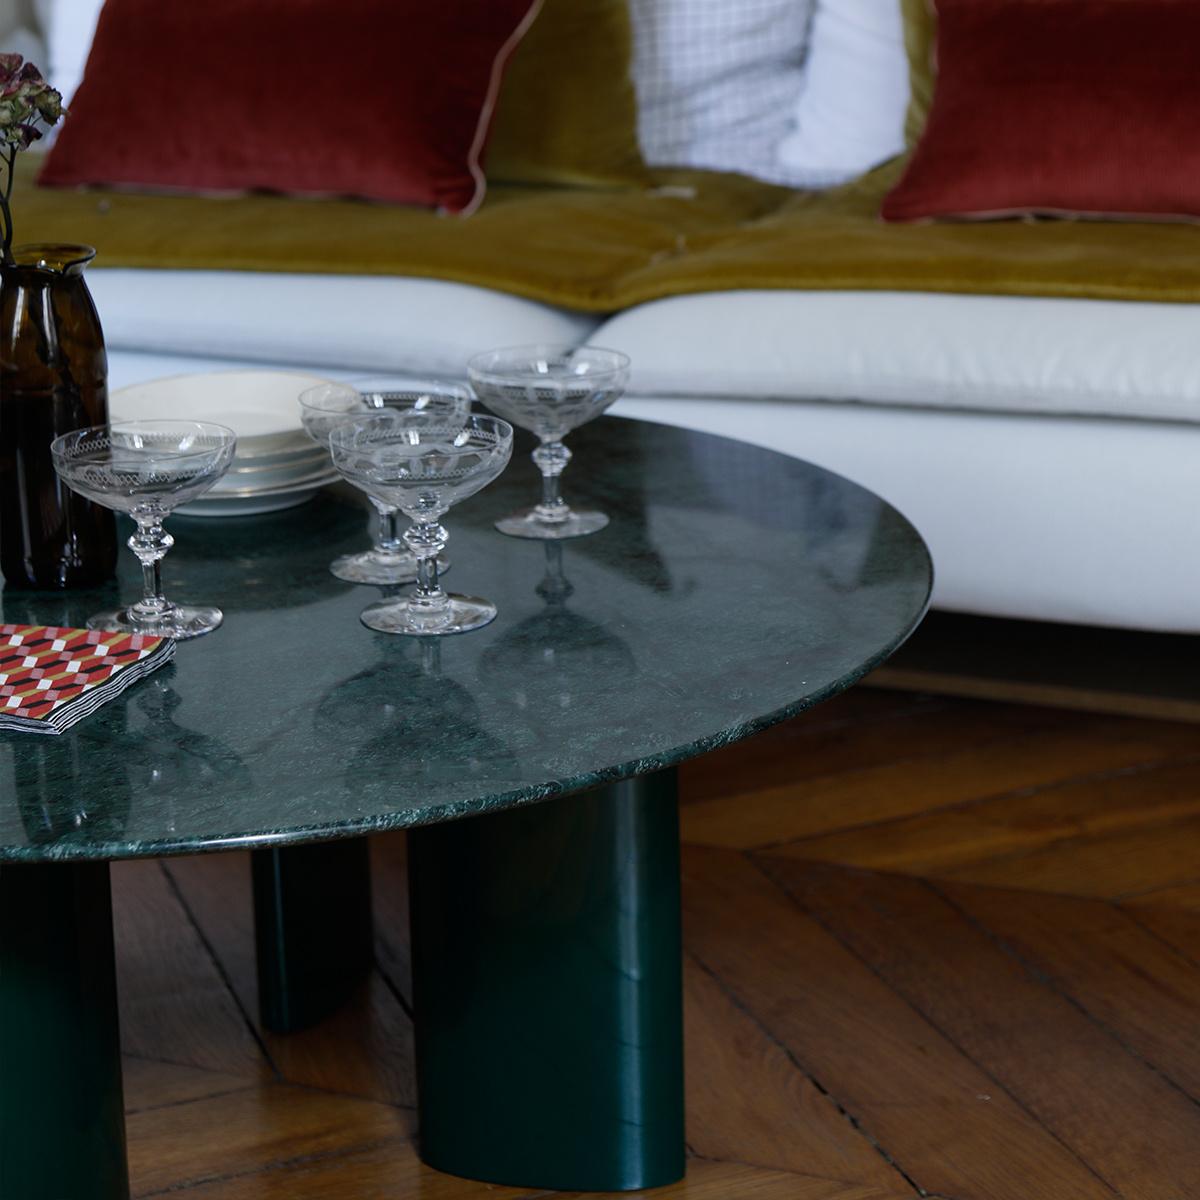 Table Basse Marbre Vert.Table Basse Carlotta Pieds En Bois Laque Vert Et Plateau En Marbre Vert